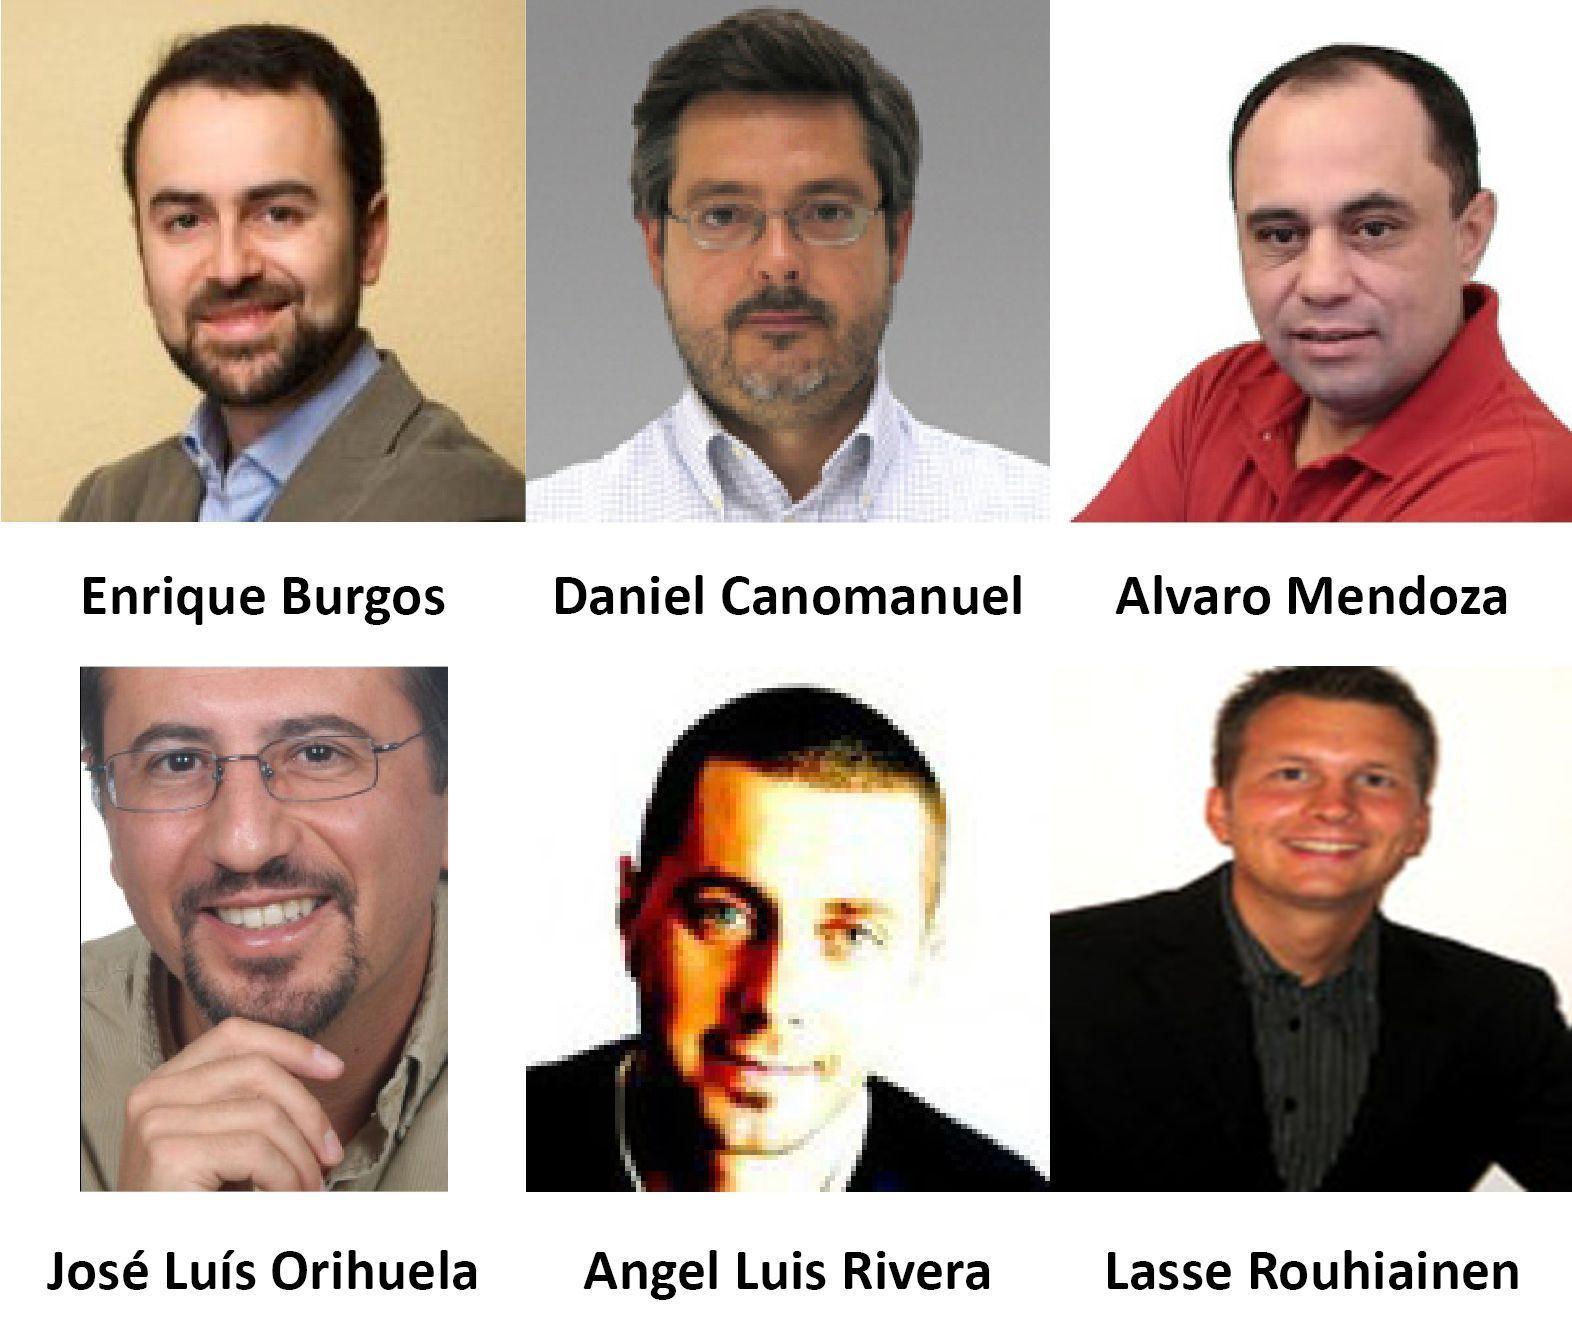 Concurso_blog_Marketing_digital_6_fotos_Lasse_nueva